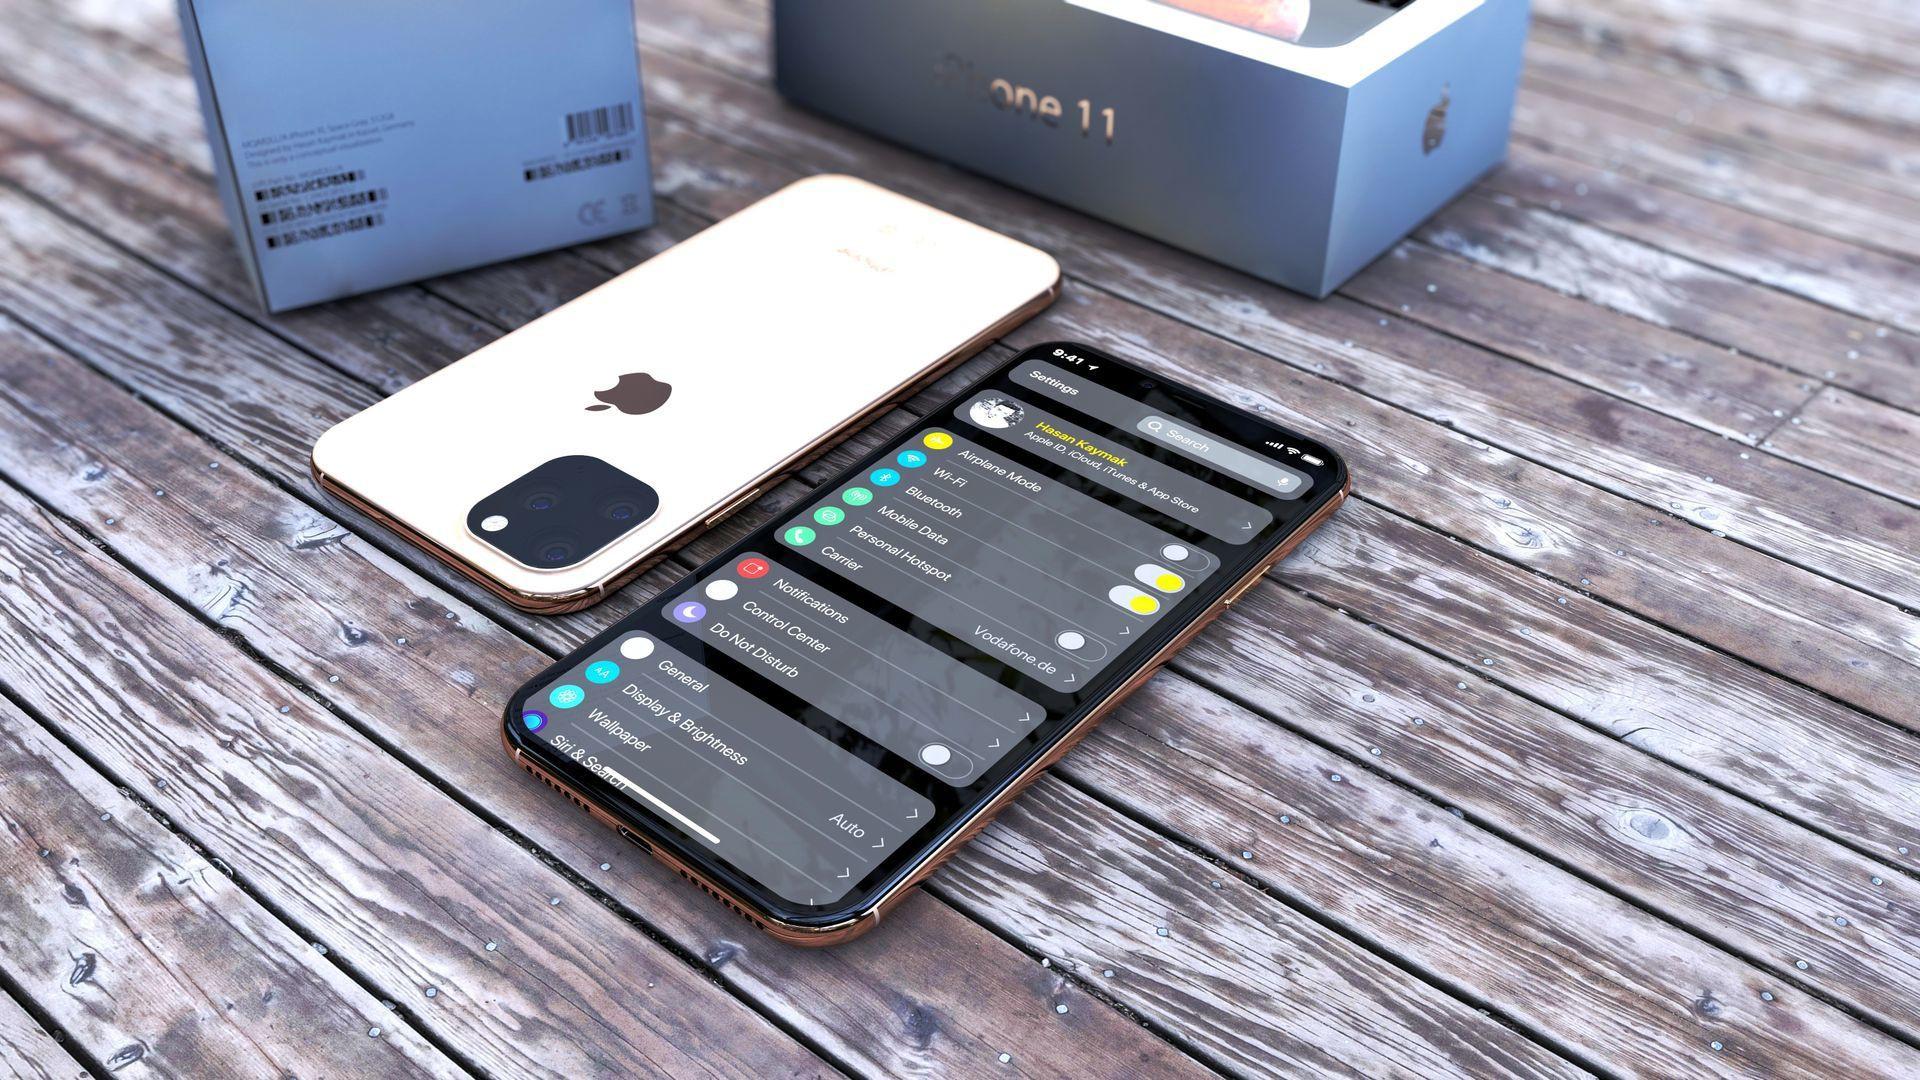 iPhone 2019 sắc nét như dao cạo qua ảnh dựng mới nhất, bóng lộn sang chảnh miễn chê - Ảnh 8.